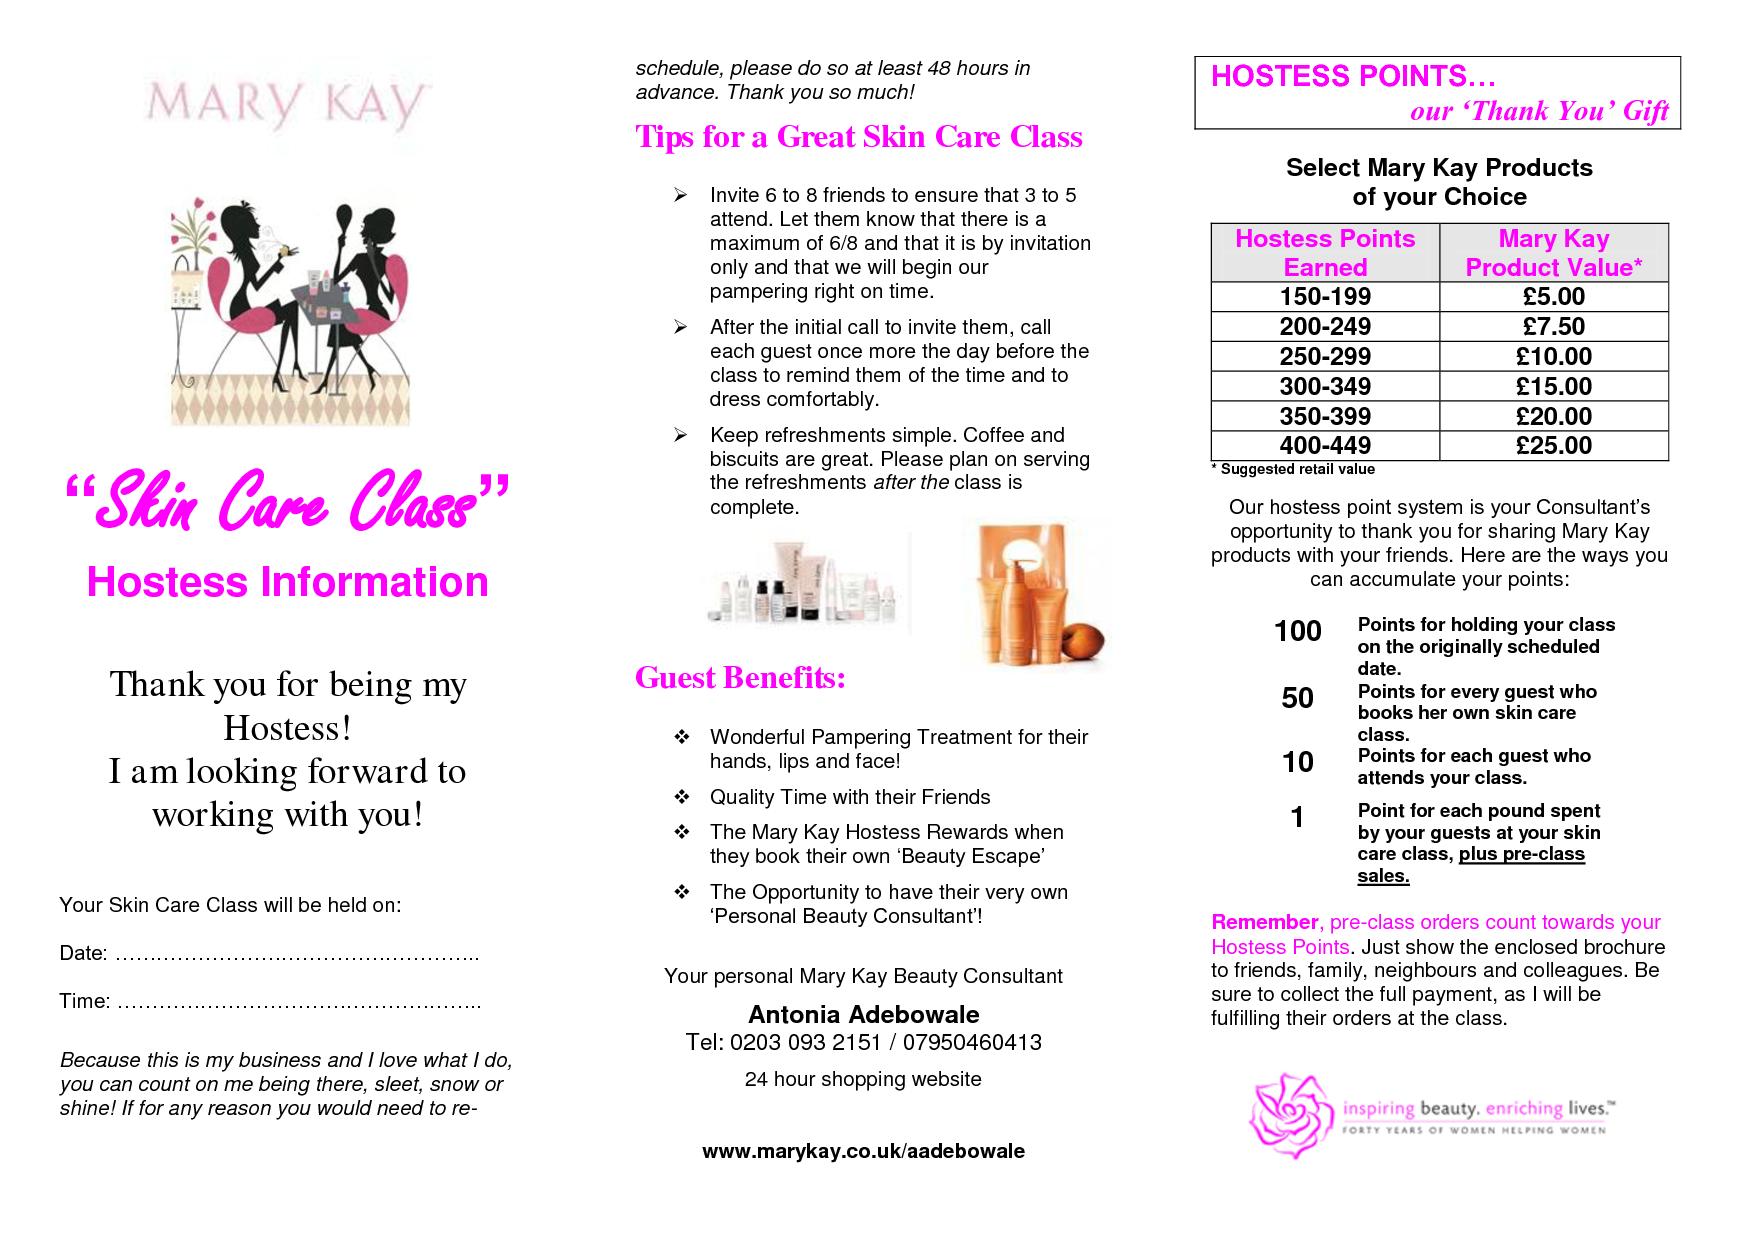 Free Print Mary Kay Flyers